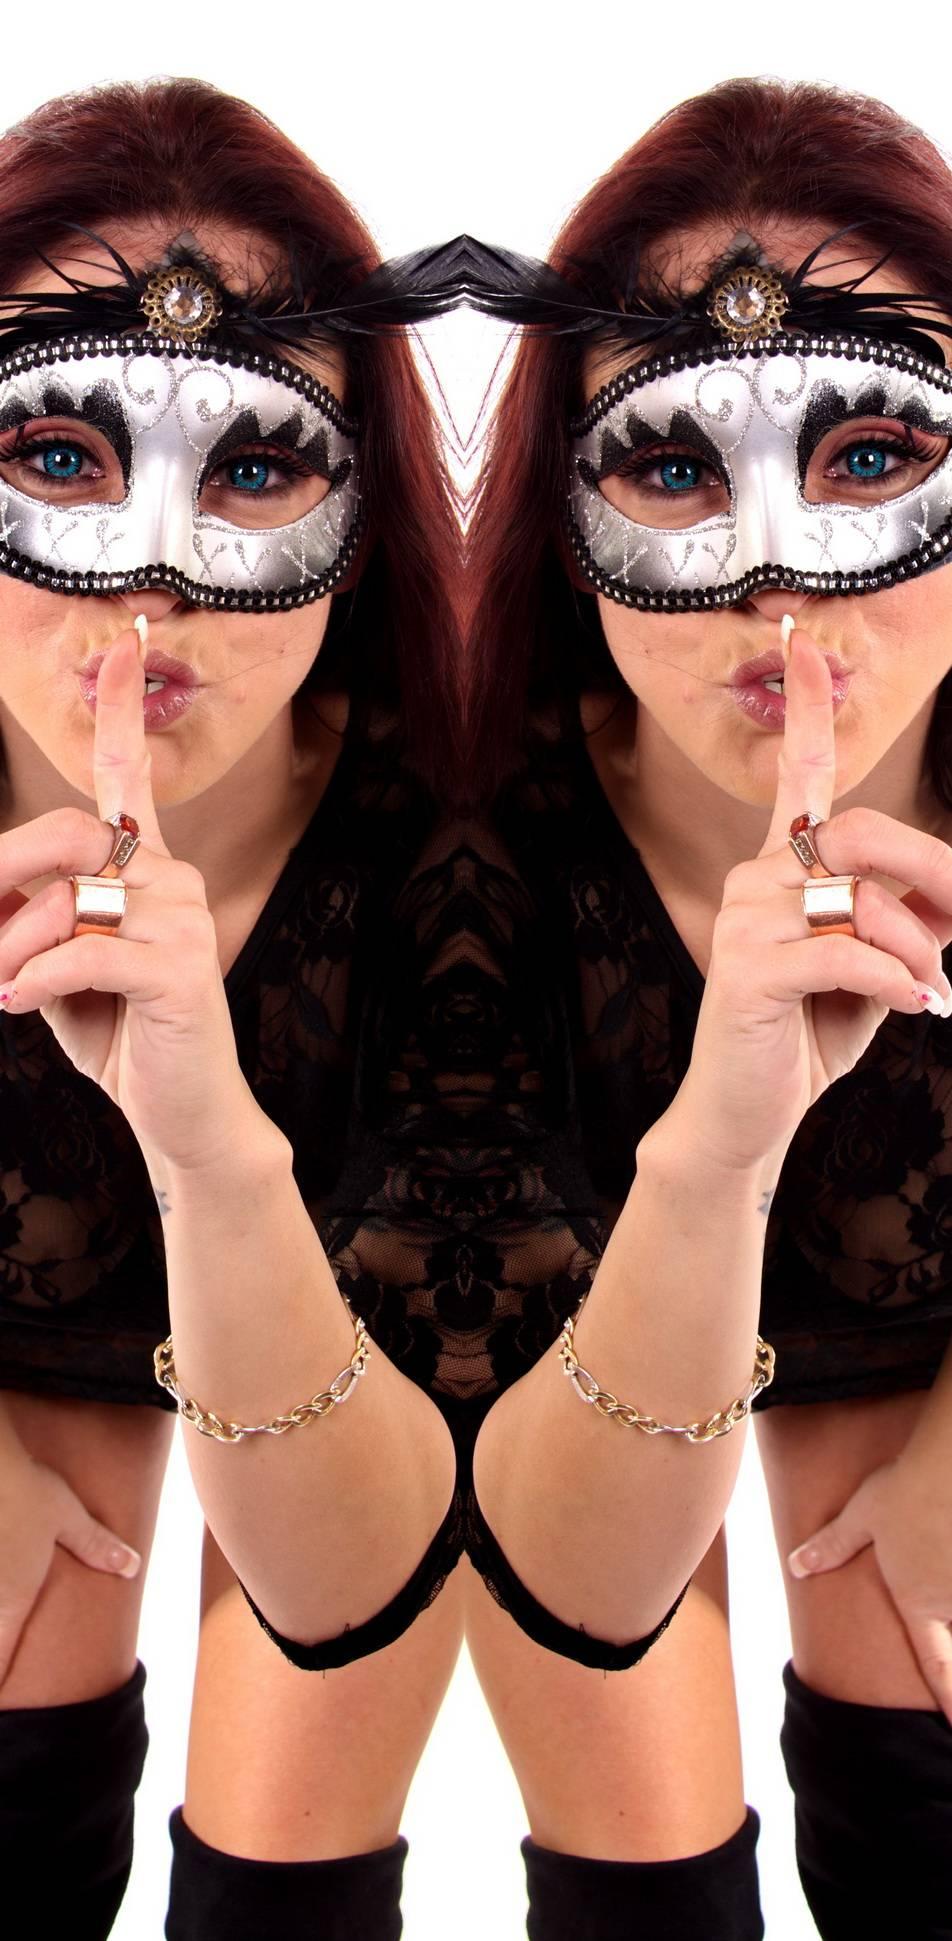 Double Shhh!